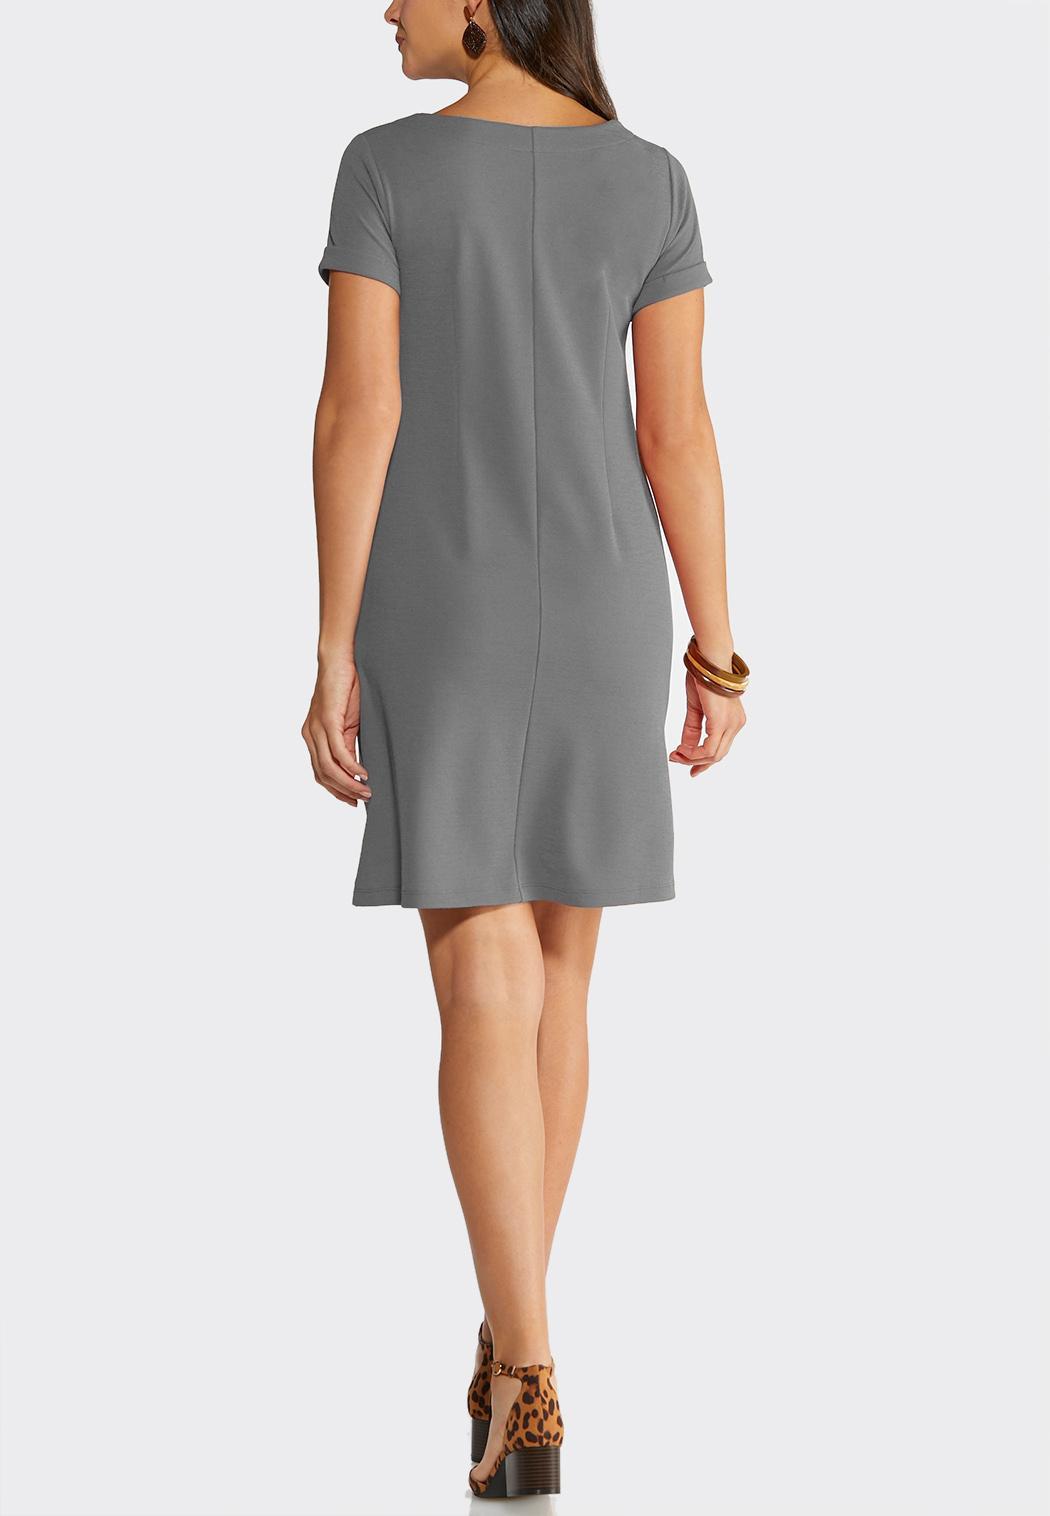 Plus Size A-Line Button Dress (Item #43919173)